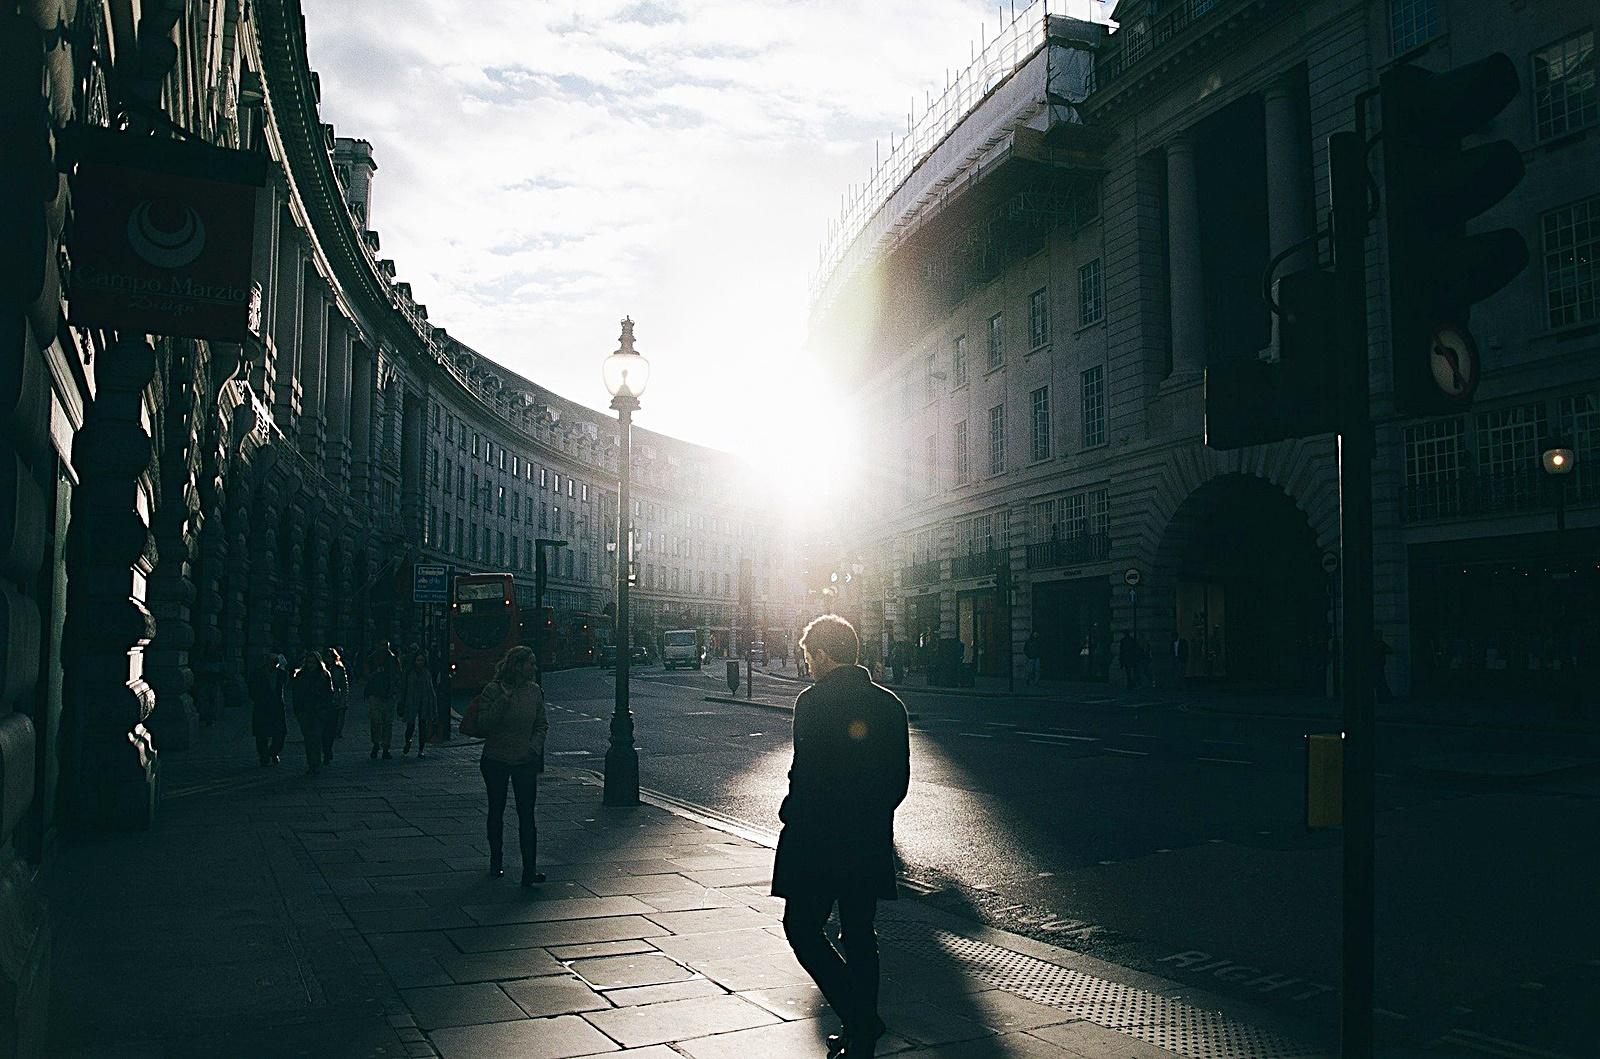 런던의 새벽